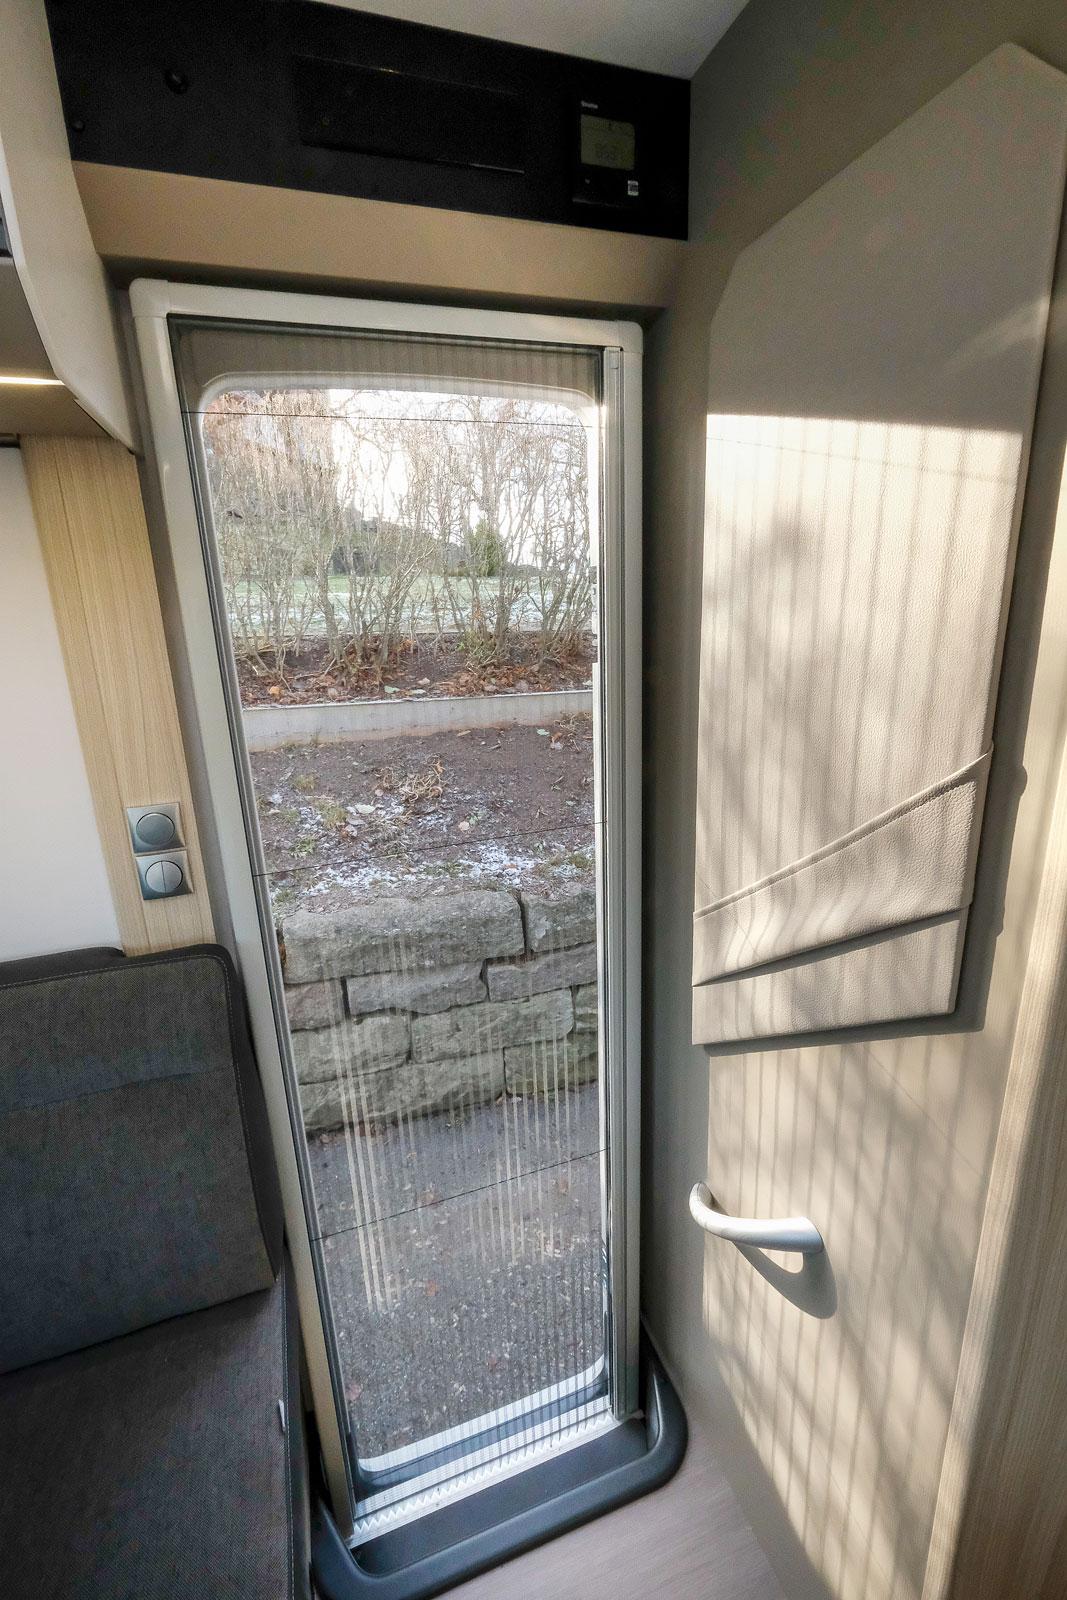 Entréväggen kunde utnyttjats bättre i fråga om förvaring, spegel och hängare.